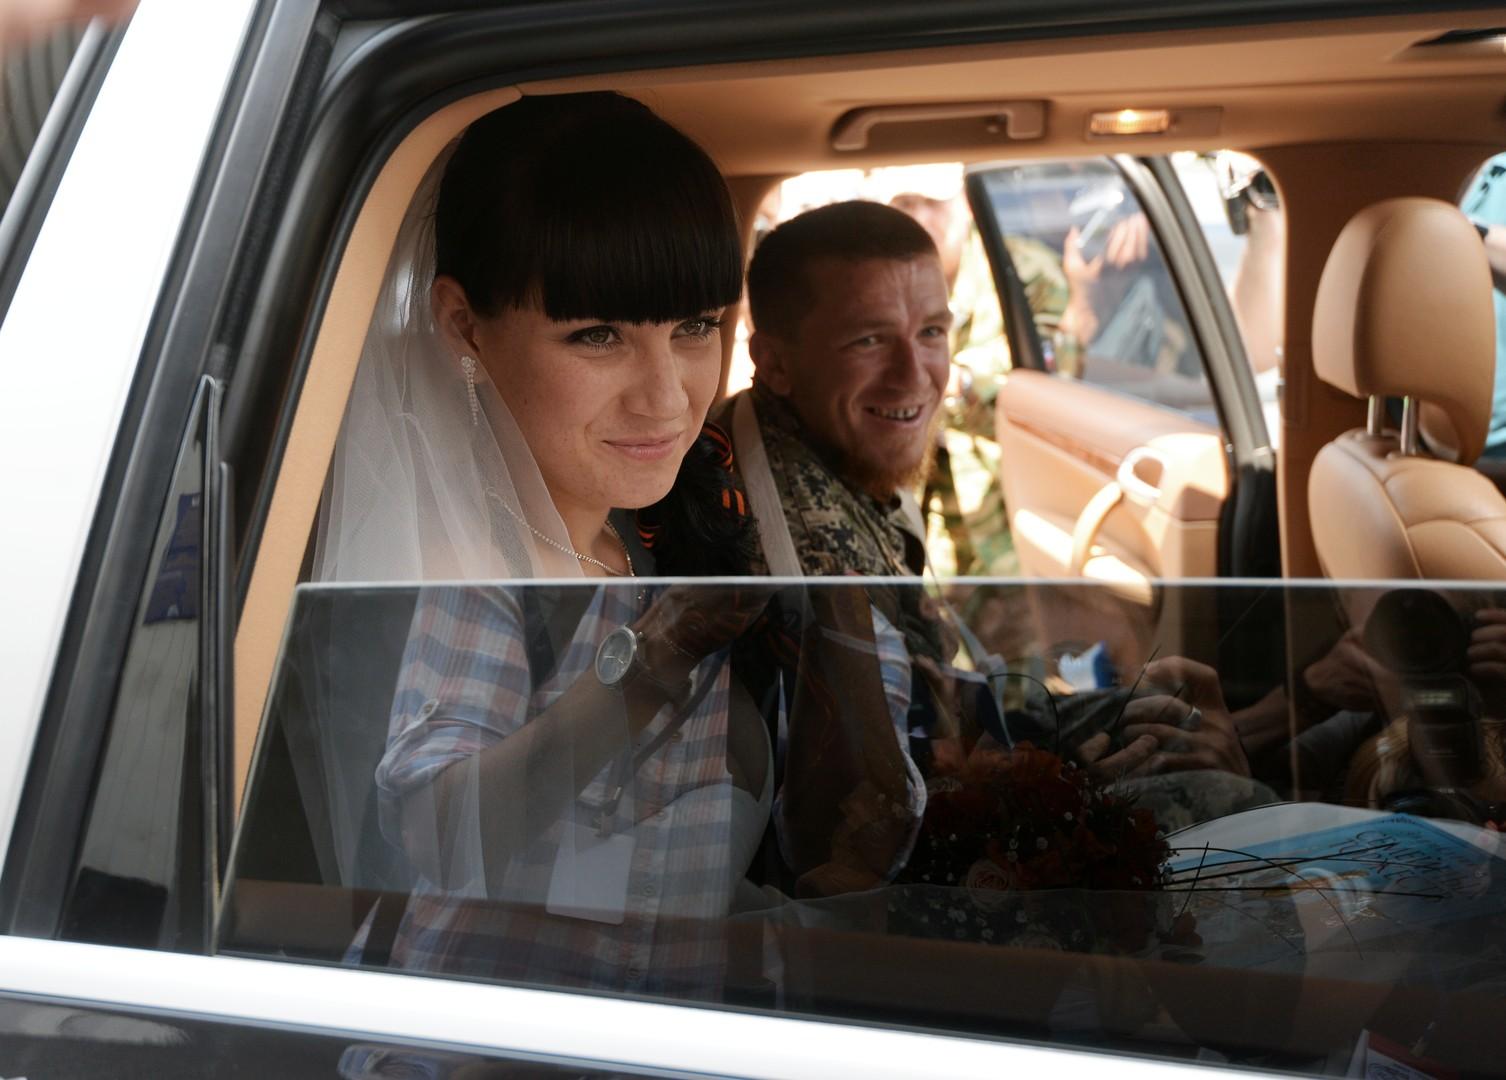 Арсен Павлов, также известный как Моторола, и его супруга Елена после бракосочетания в ЗАГСе Донецка.